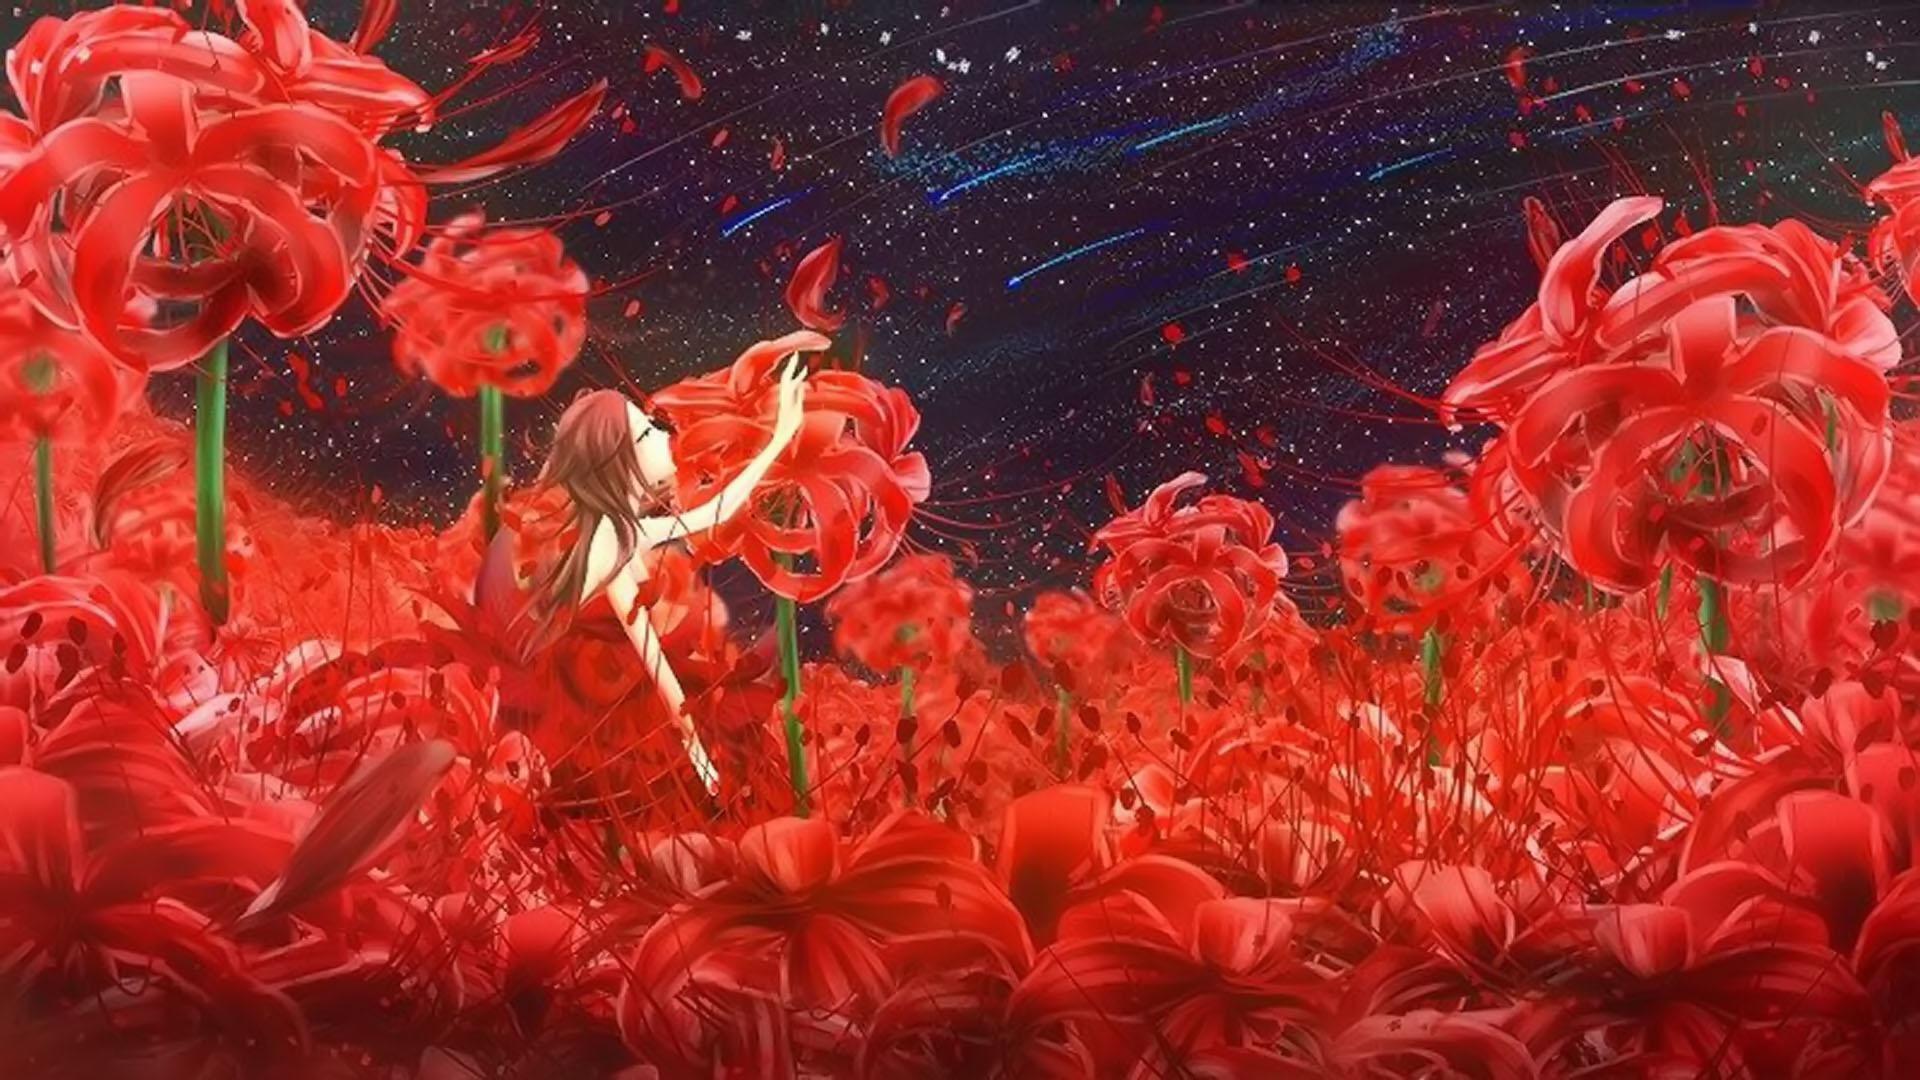 Hình nền hoa Bỉ Ngạn hoạt hình